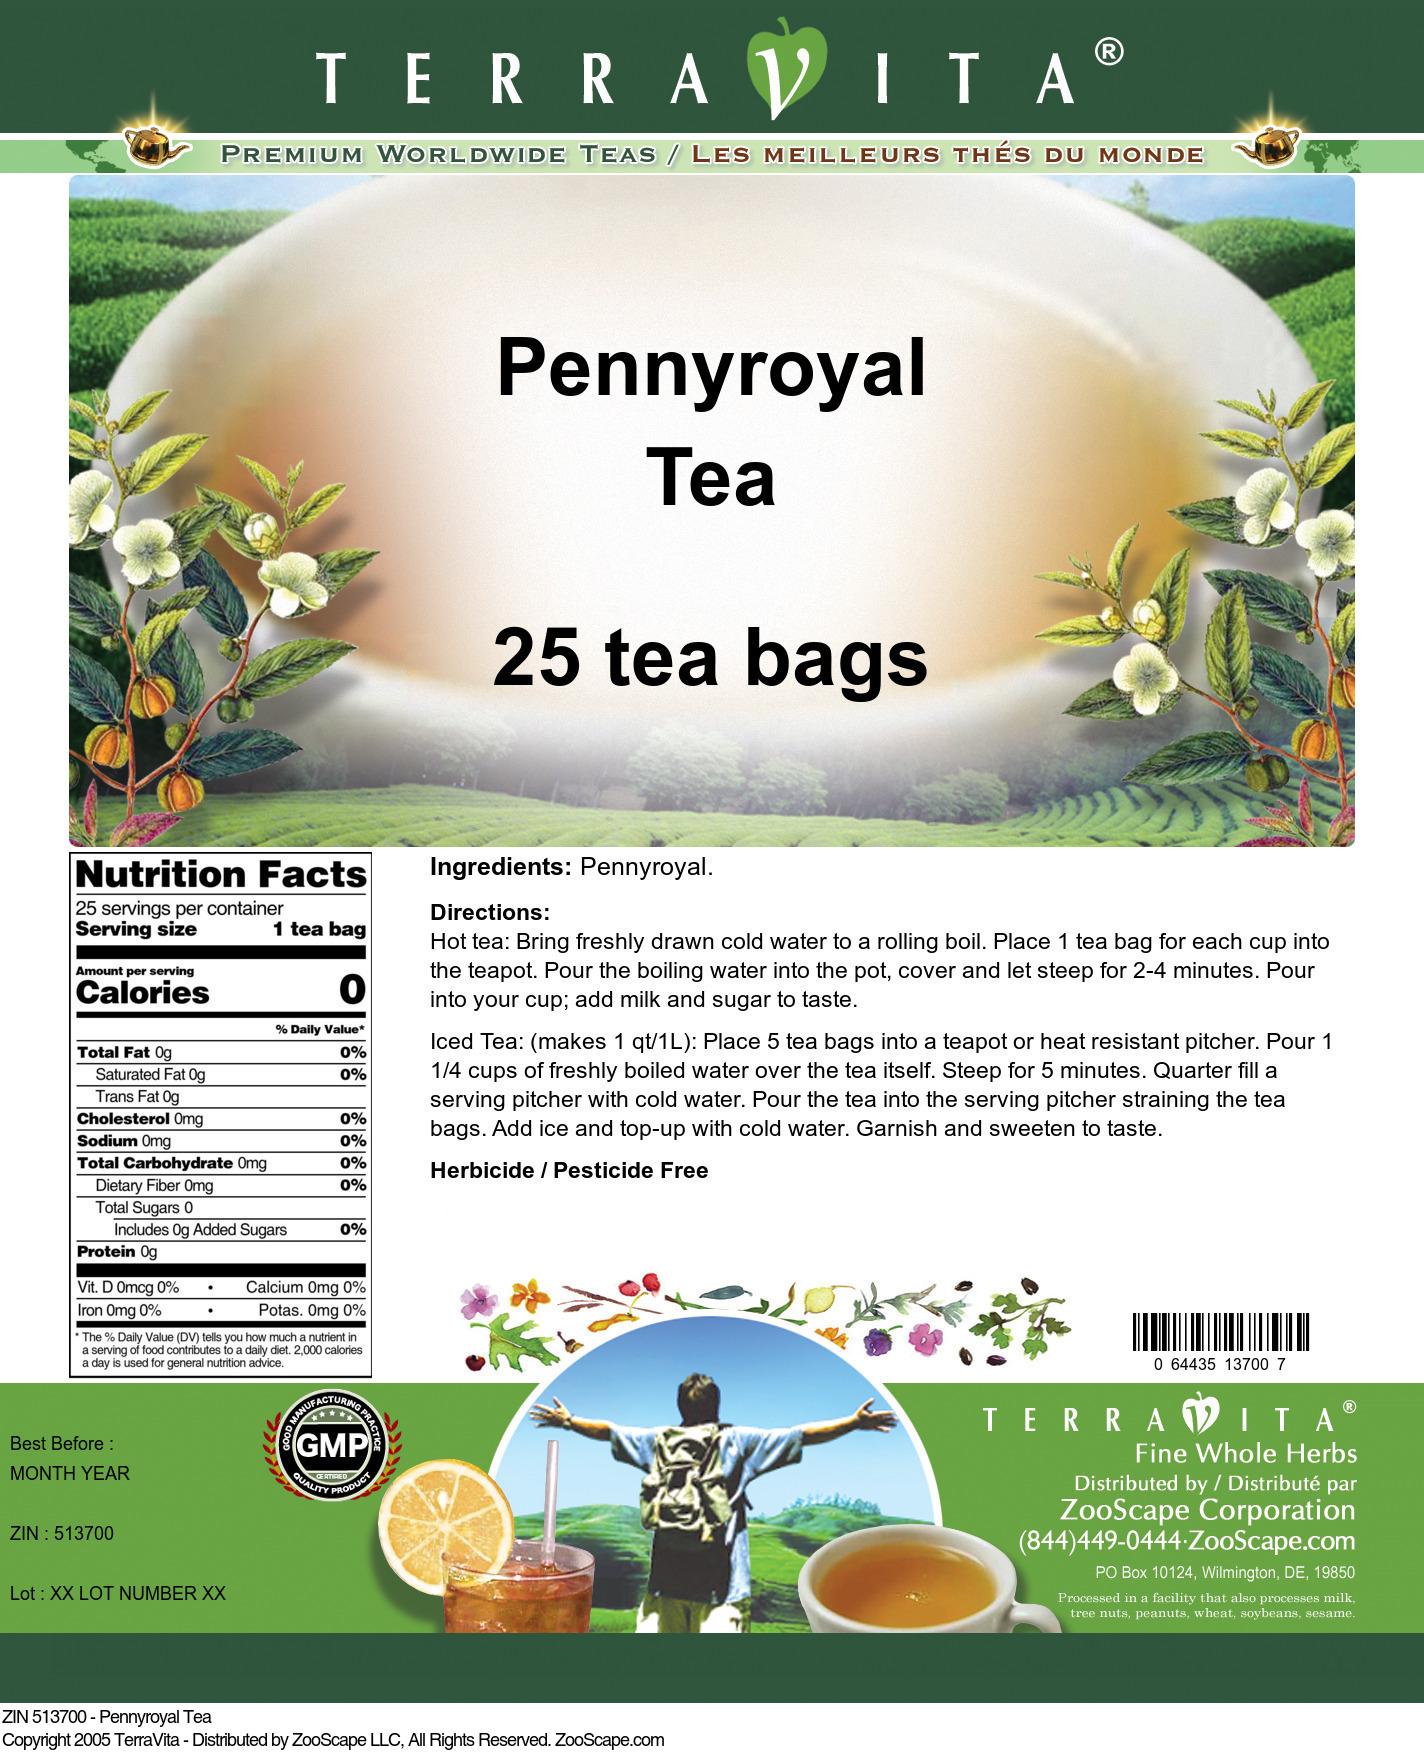 Pennyroyal Tea